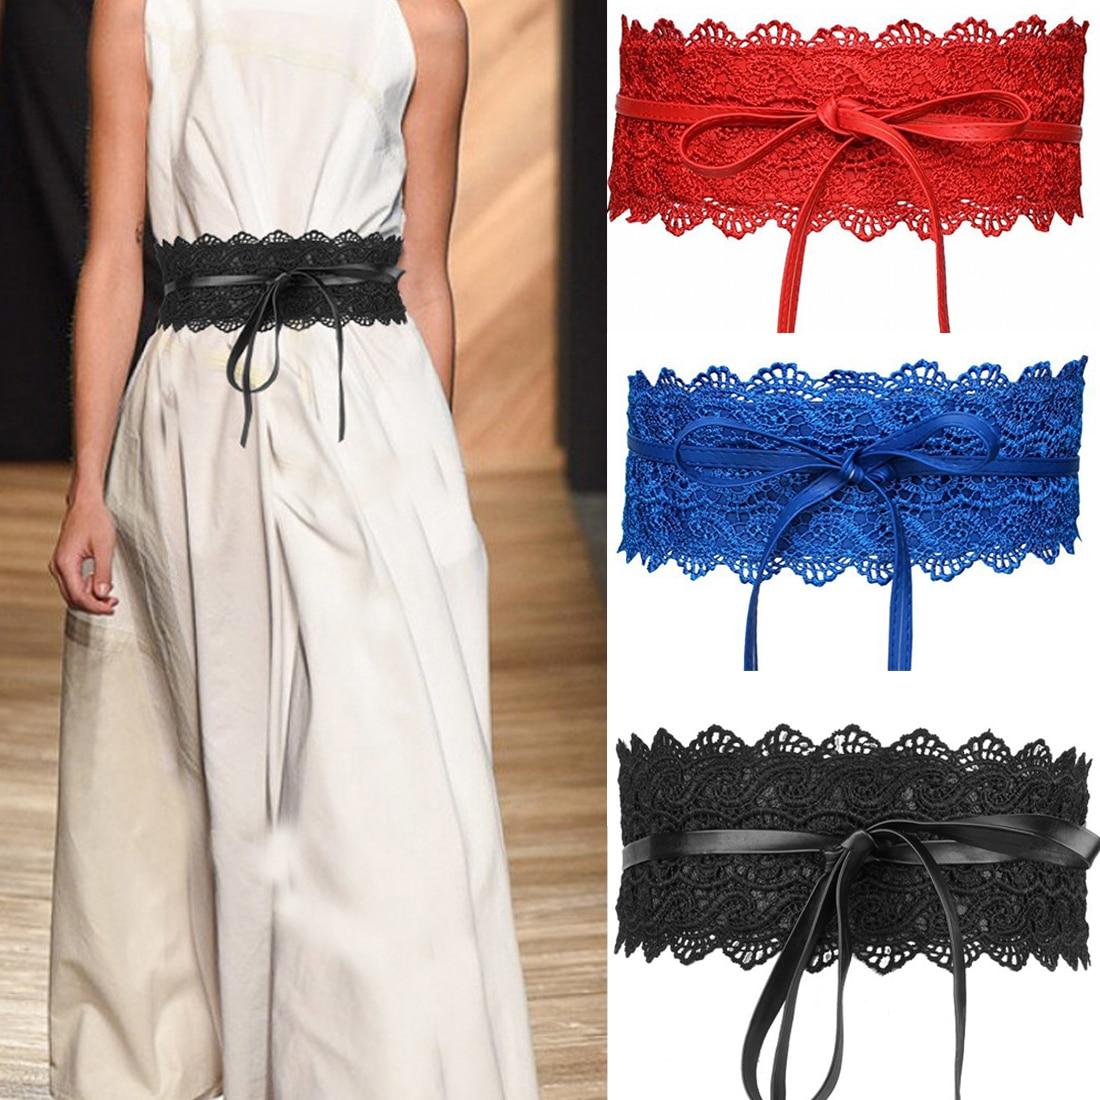 Mode Taille Cincher Frauen Kleid Bowknot Taille Band Faux Leder Spitze Breite Decor Gürtel Gürtel Taille Band Bandage Rot Weiß schwarz